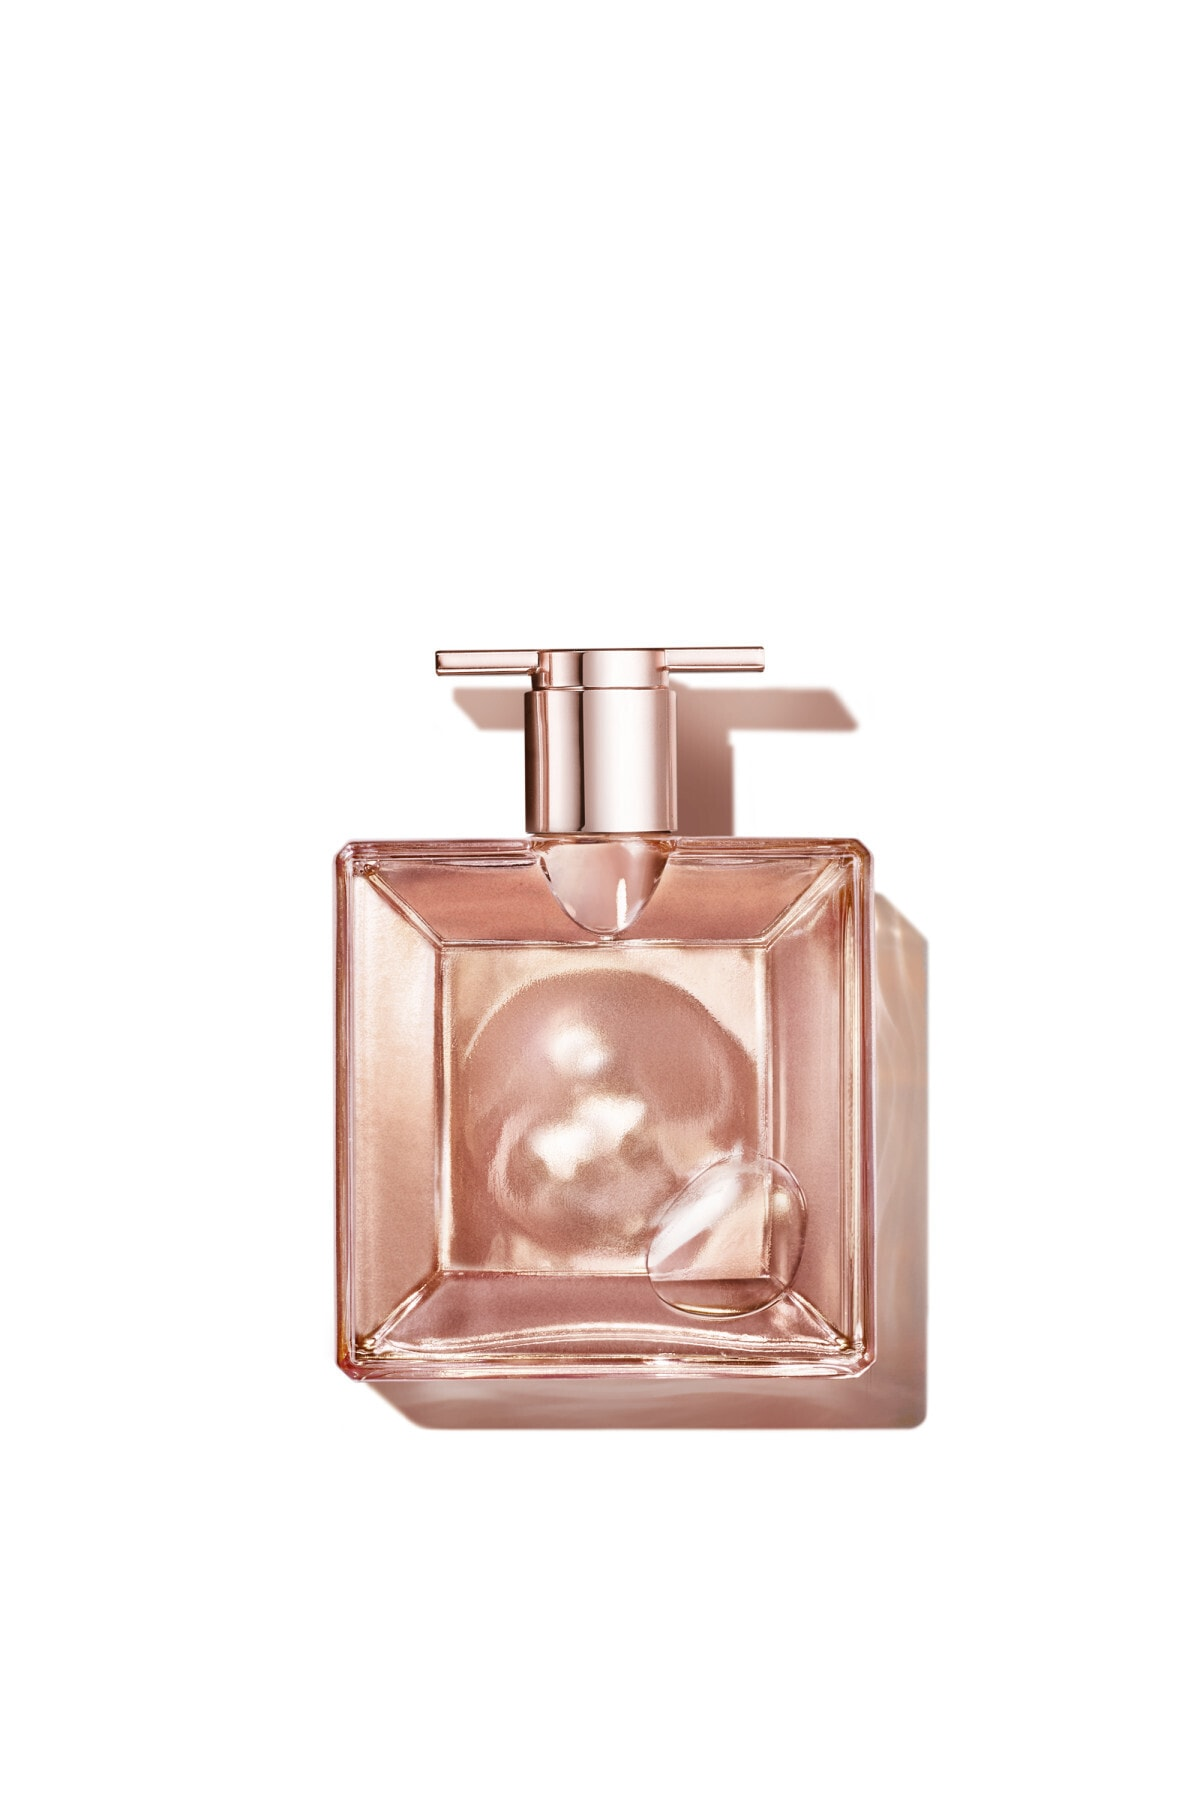 Lancome Idôle L'ıntense Eau De Parfum 25 ml 3614273203463 1